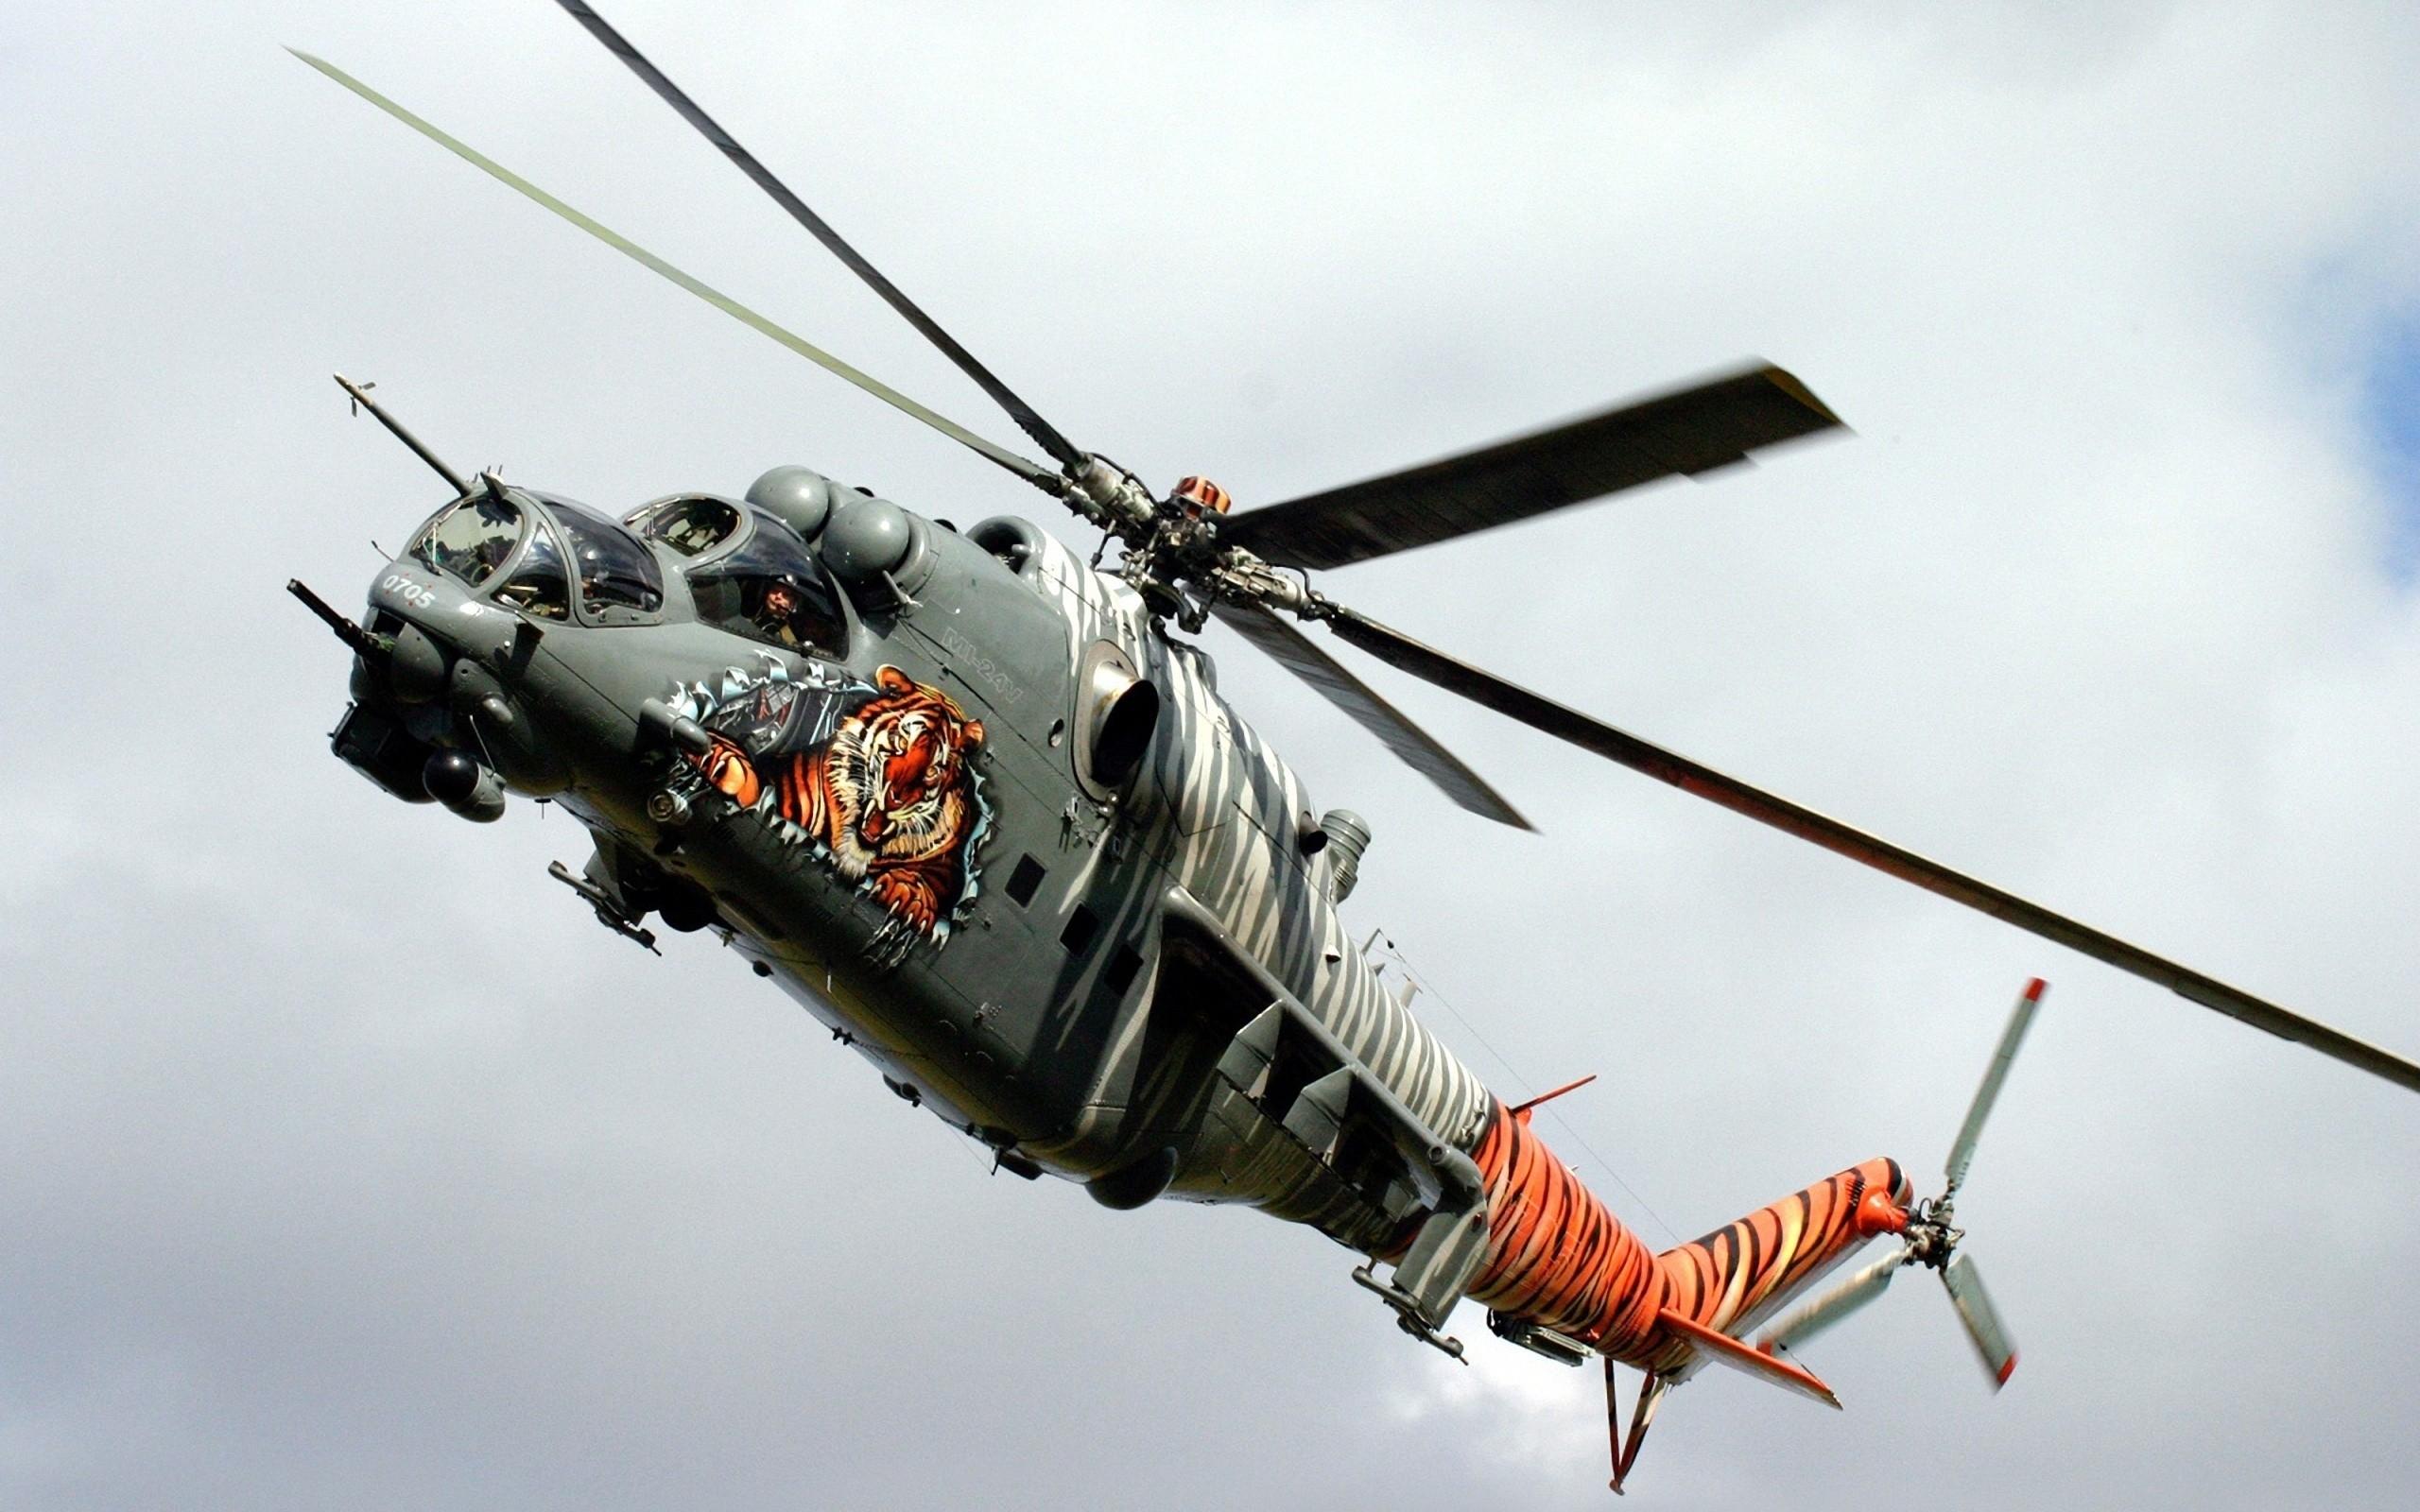 Mil mi24 tiger